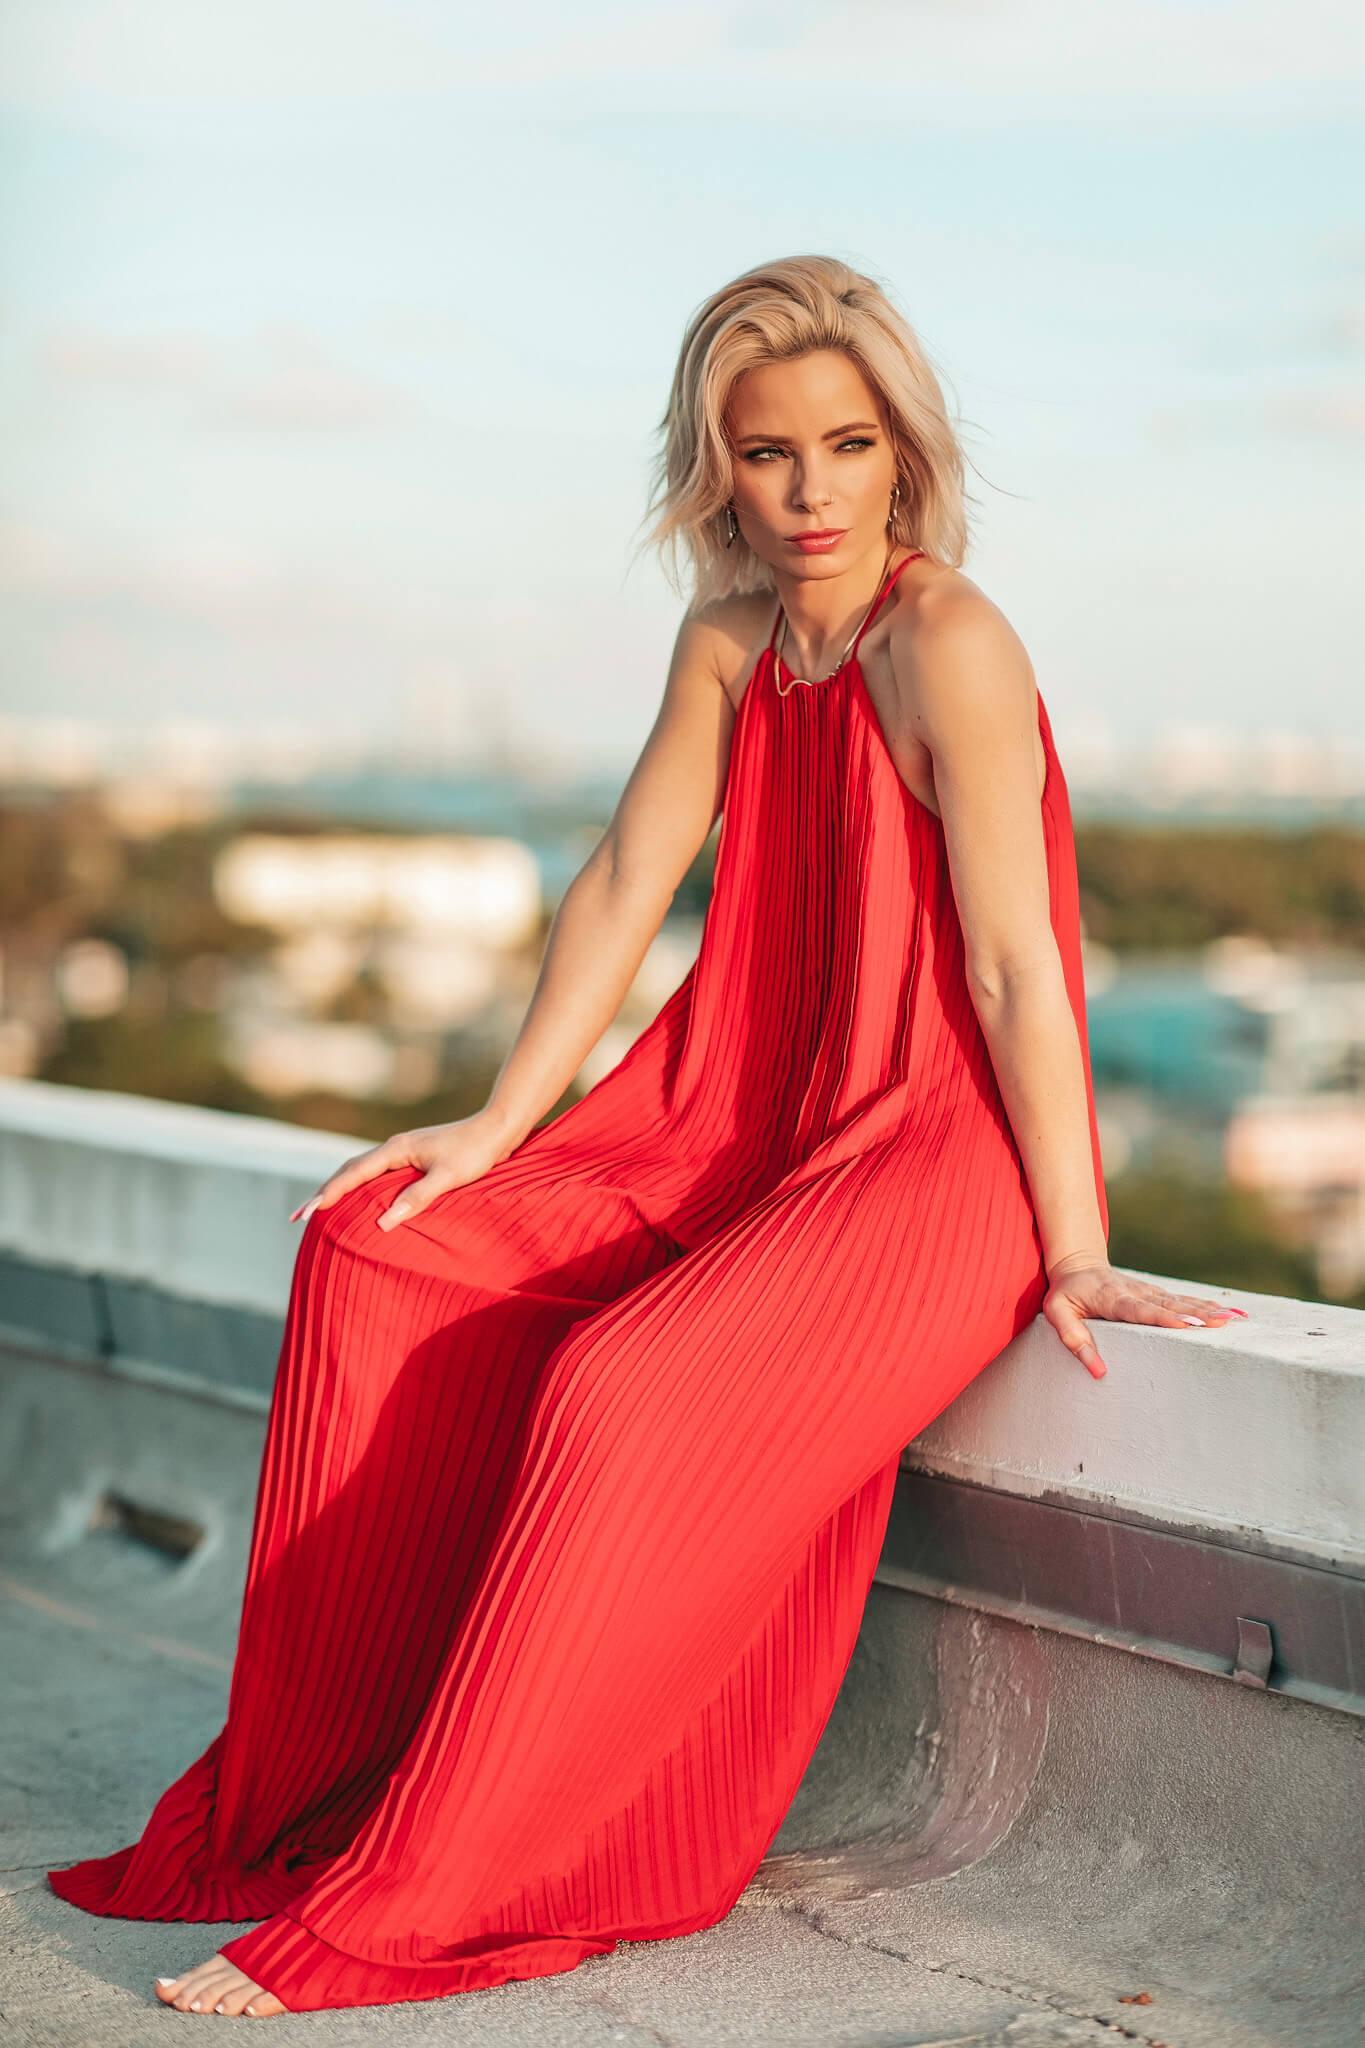 Crimson Winds